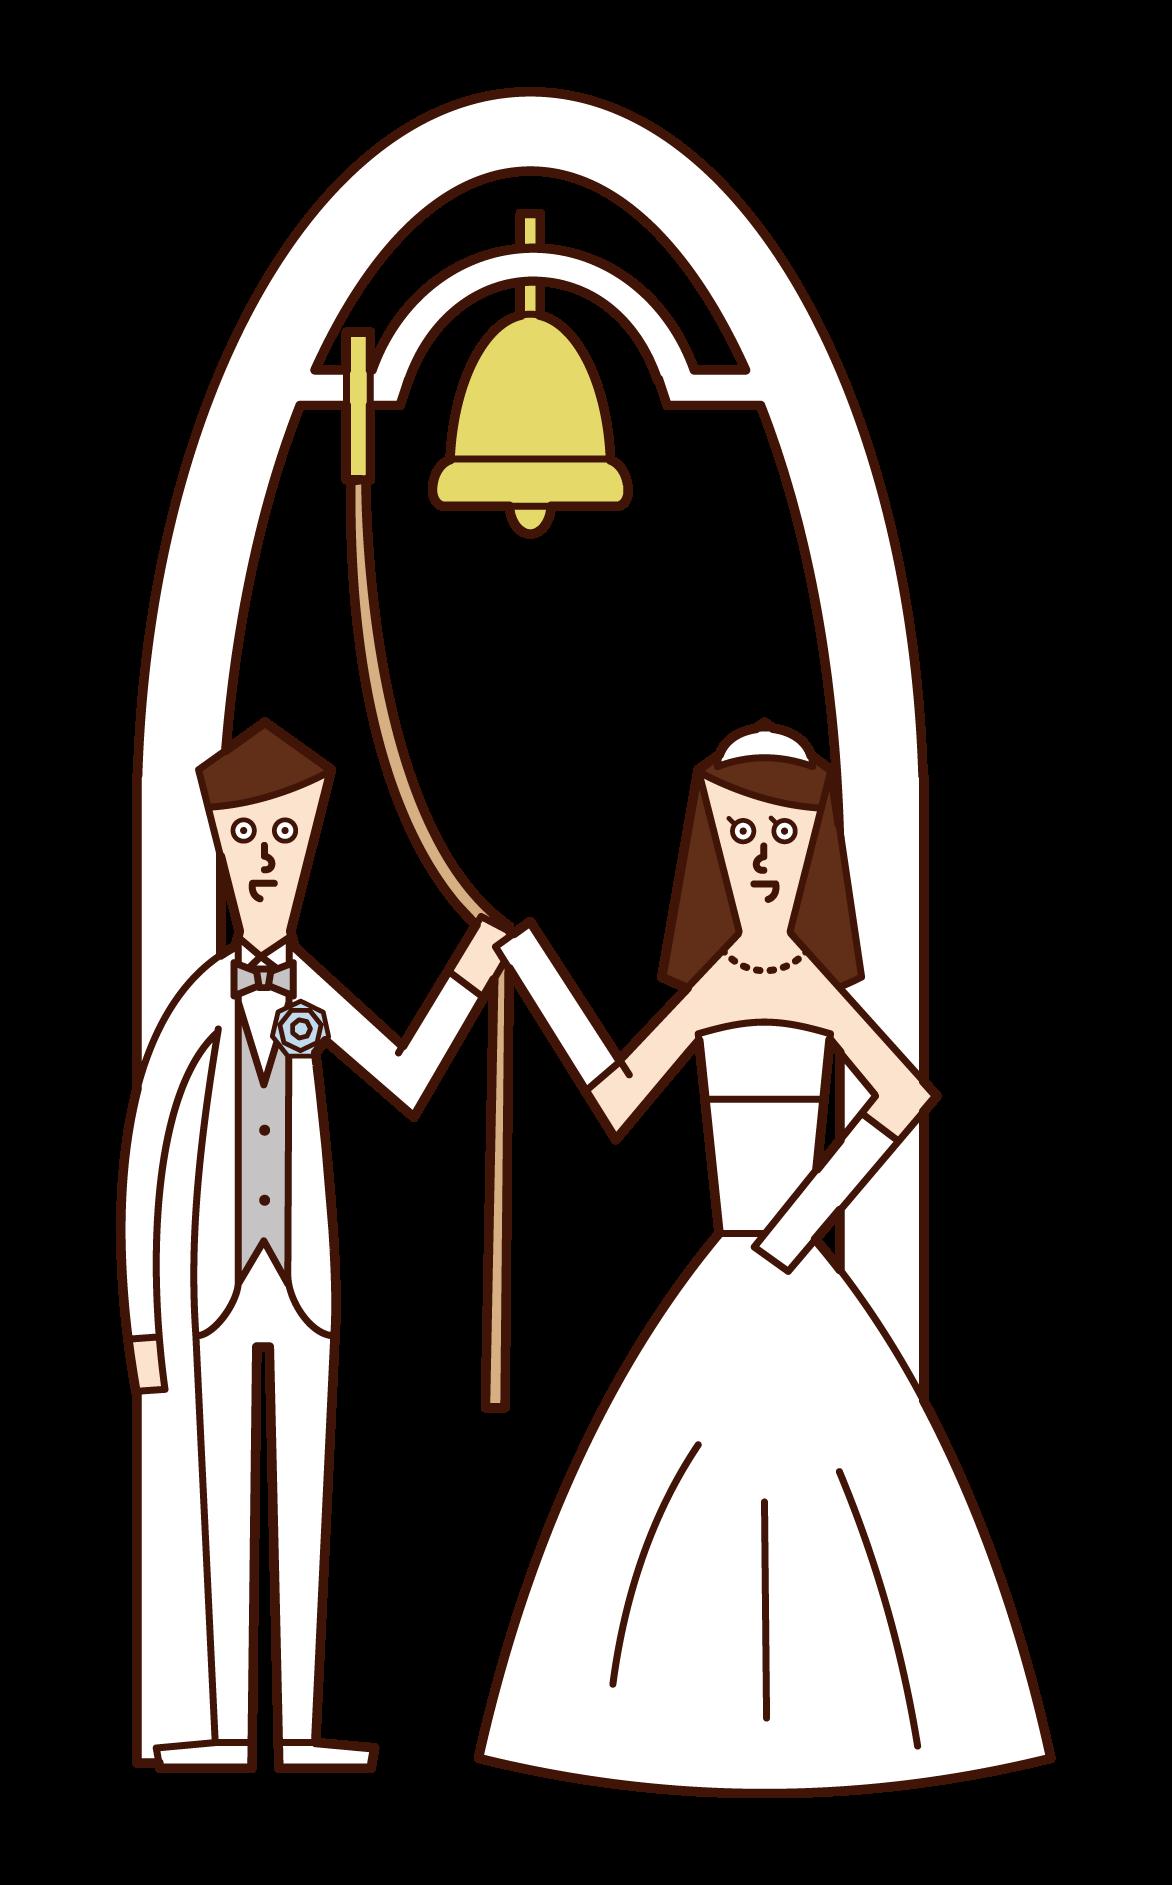 신부와 신랑이 웨딩 벨을 울리는 일러스트